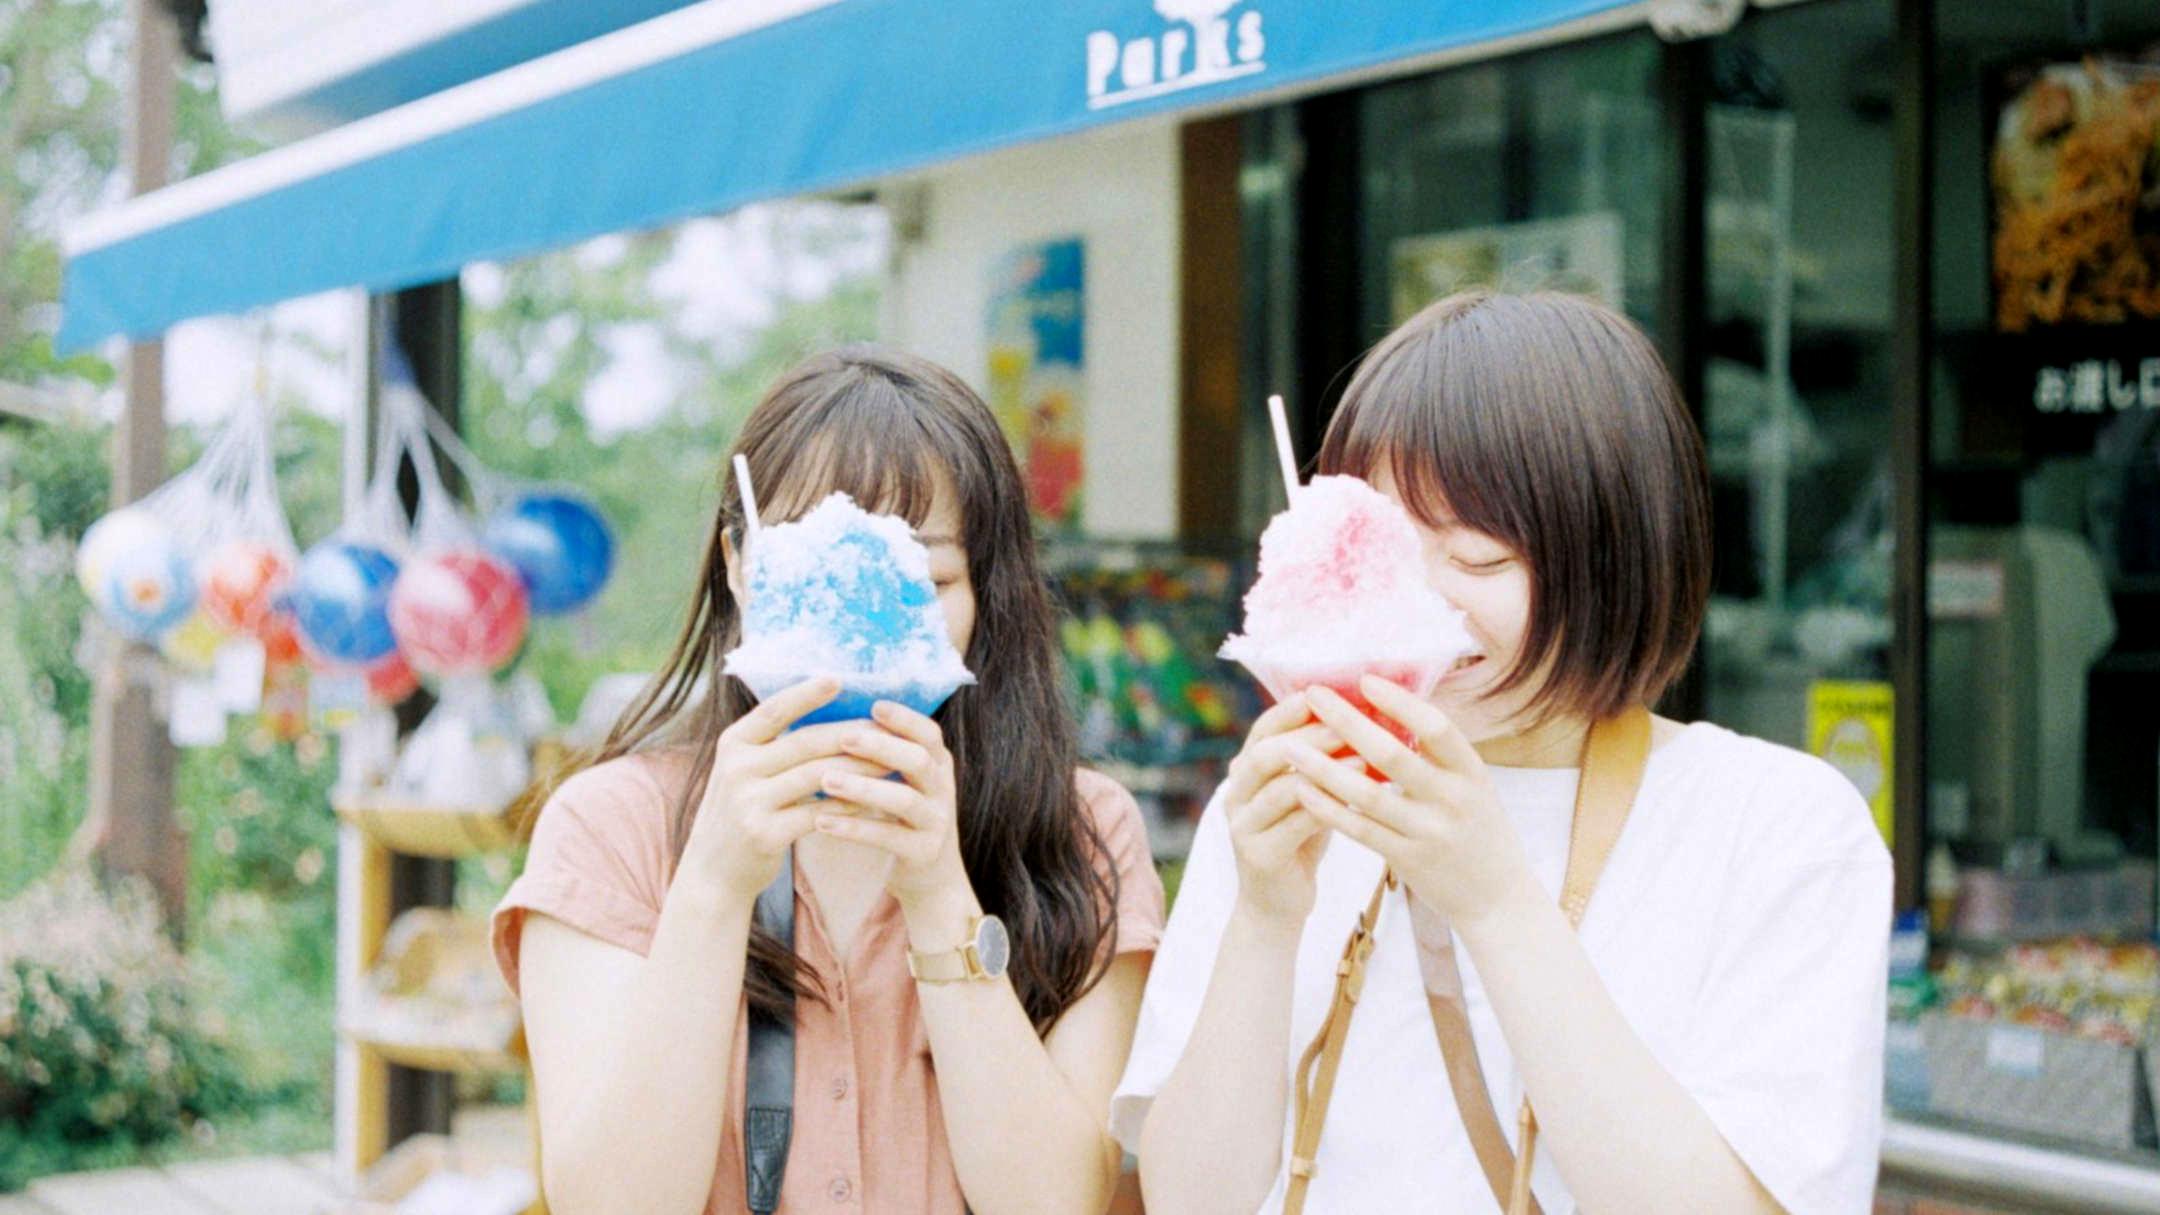 【撮影】海辺のフォトさんぽ in the summer time